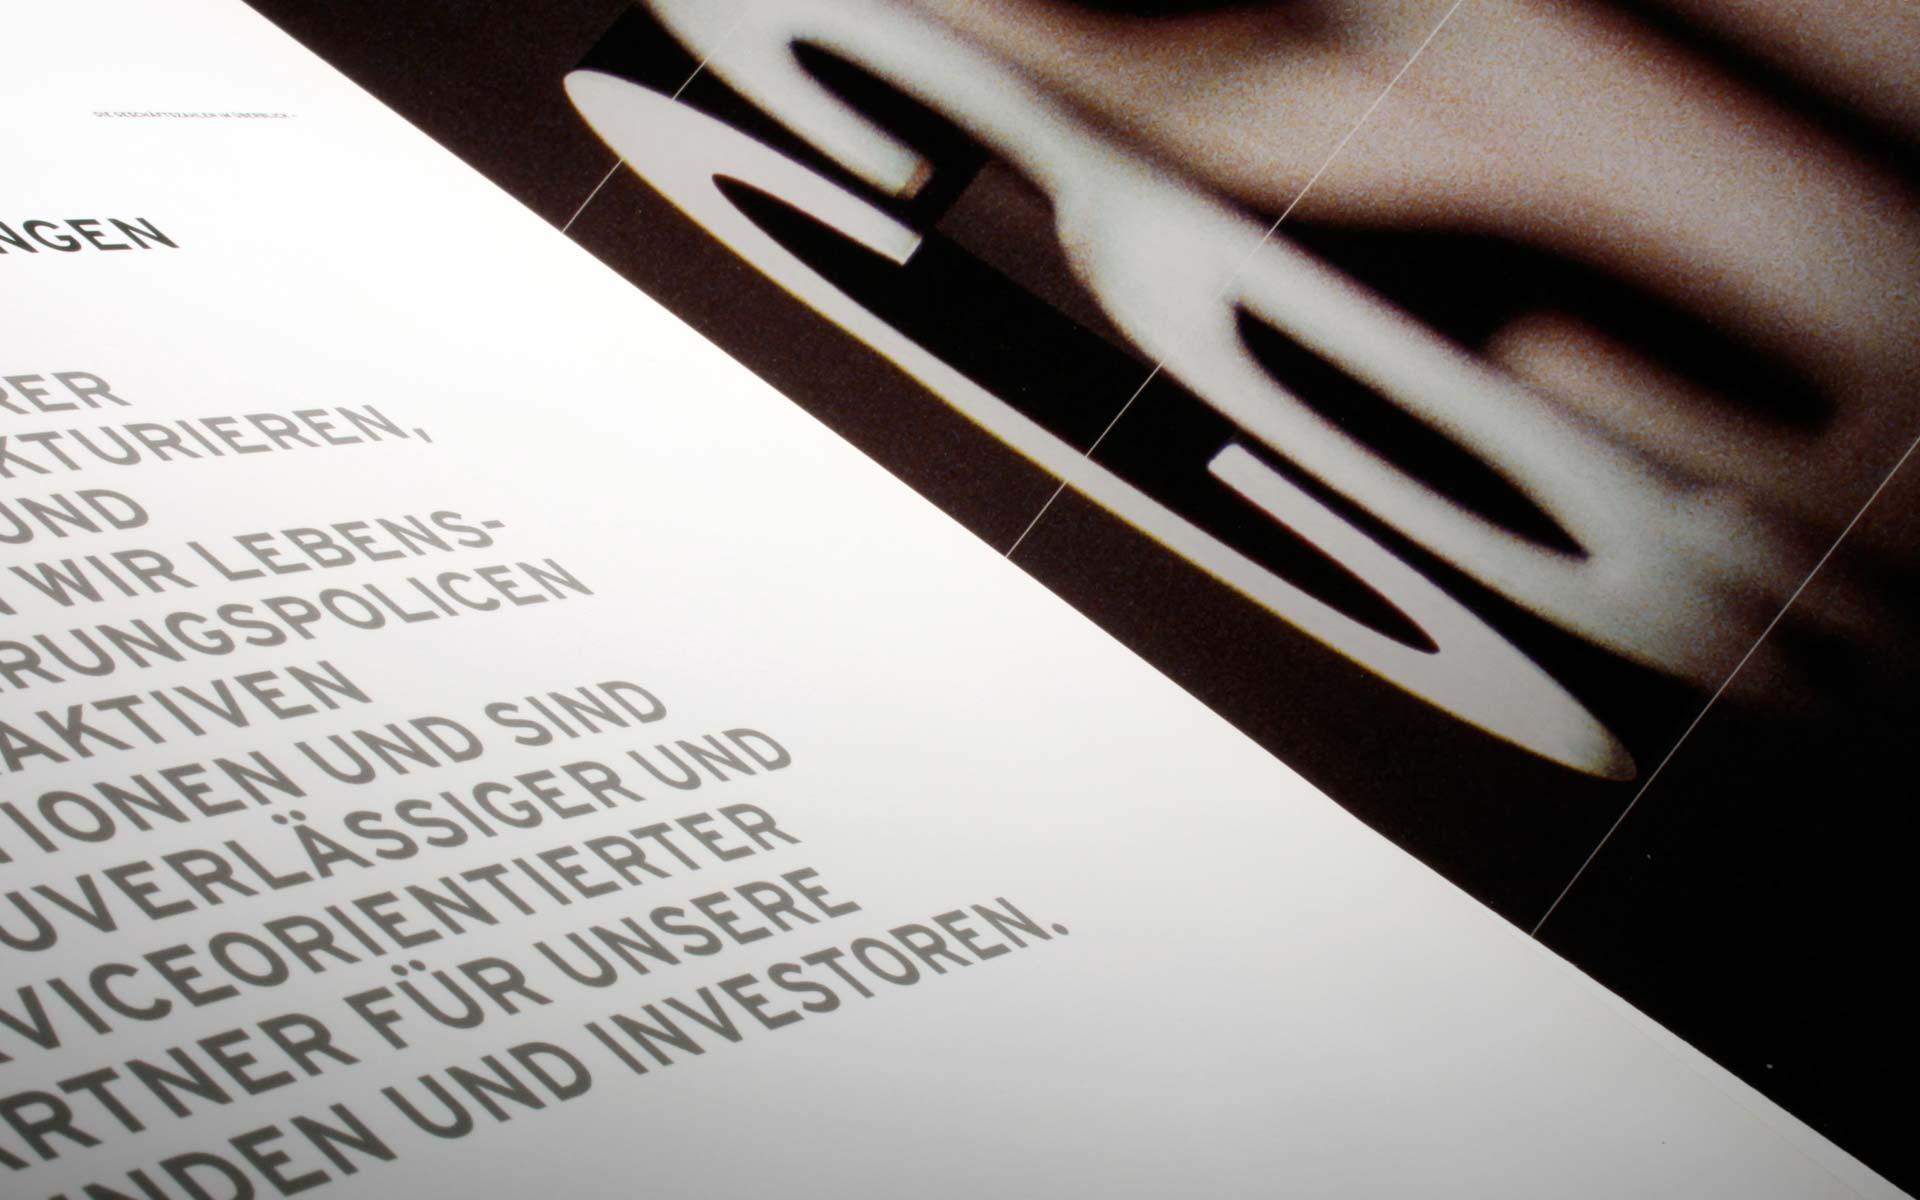 cash.life, Vorsatz des Geschäftsberichts 2007 in deutscher Sprache.